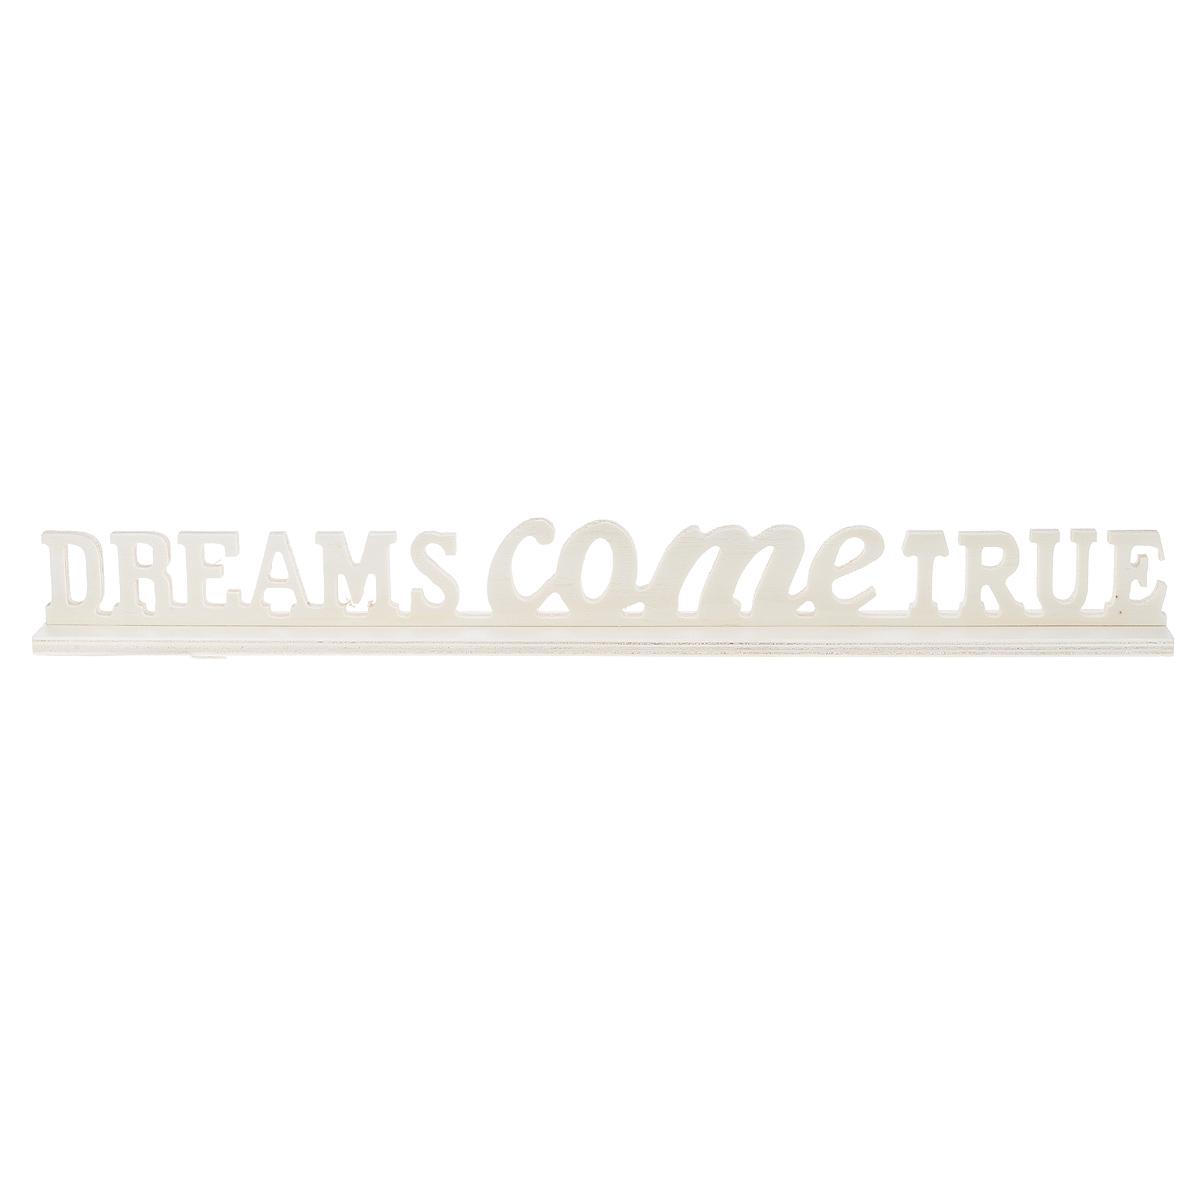 Заготовка для декупажа ScrapBerrys Dreams Come True, 40 см х 4 см х 4,5 смSCB350166Заготовка ScrapBerrys Надпись Dreams come true изготовлена из фанеры и предназначена для занятий декупажом. Она является хорошим объектом для вашего творчества и прекрасным подарком для юных художников, так как фанера отлично подходит для оформления красками. Заготовка имеет широкую подставку. Декупаж - техника декорирования различных предметов, основанная на присоединении рисунка, картины или орнамента (обычного вырезанного) к предмету и покрытии полученной композиции лаком ради эффектности, сохранности и долговечности. Размер подставки: 40 см х 4 см х 0,6 см. Размер надписи: 40 см х 4 см х 0,6 см.